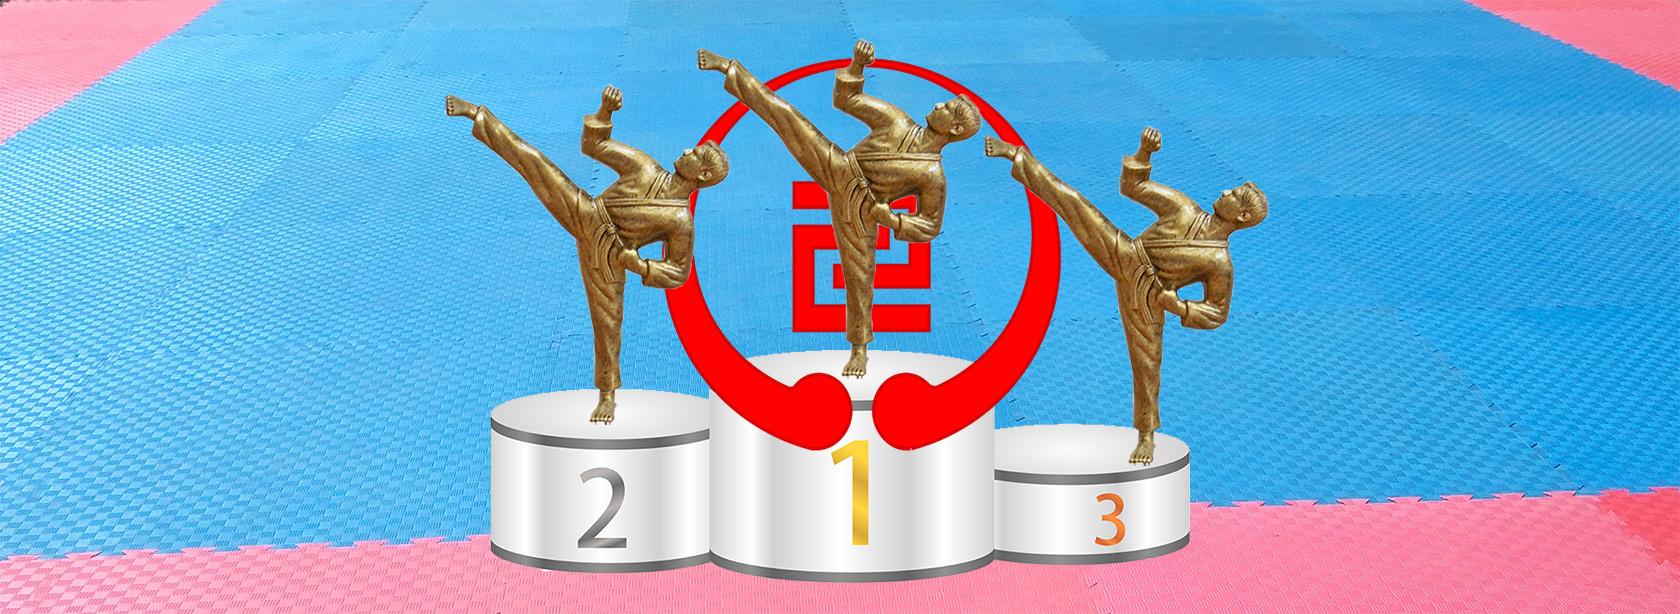 אליפות ישראל לילדים 6 ליולי 2018